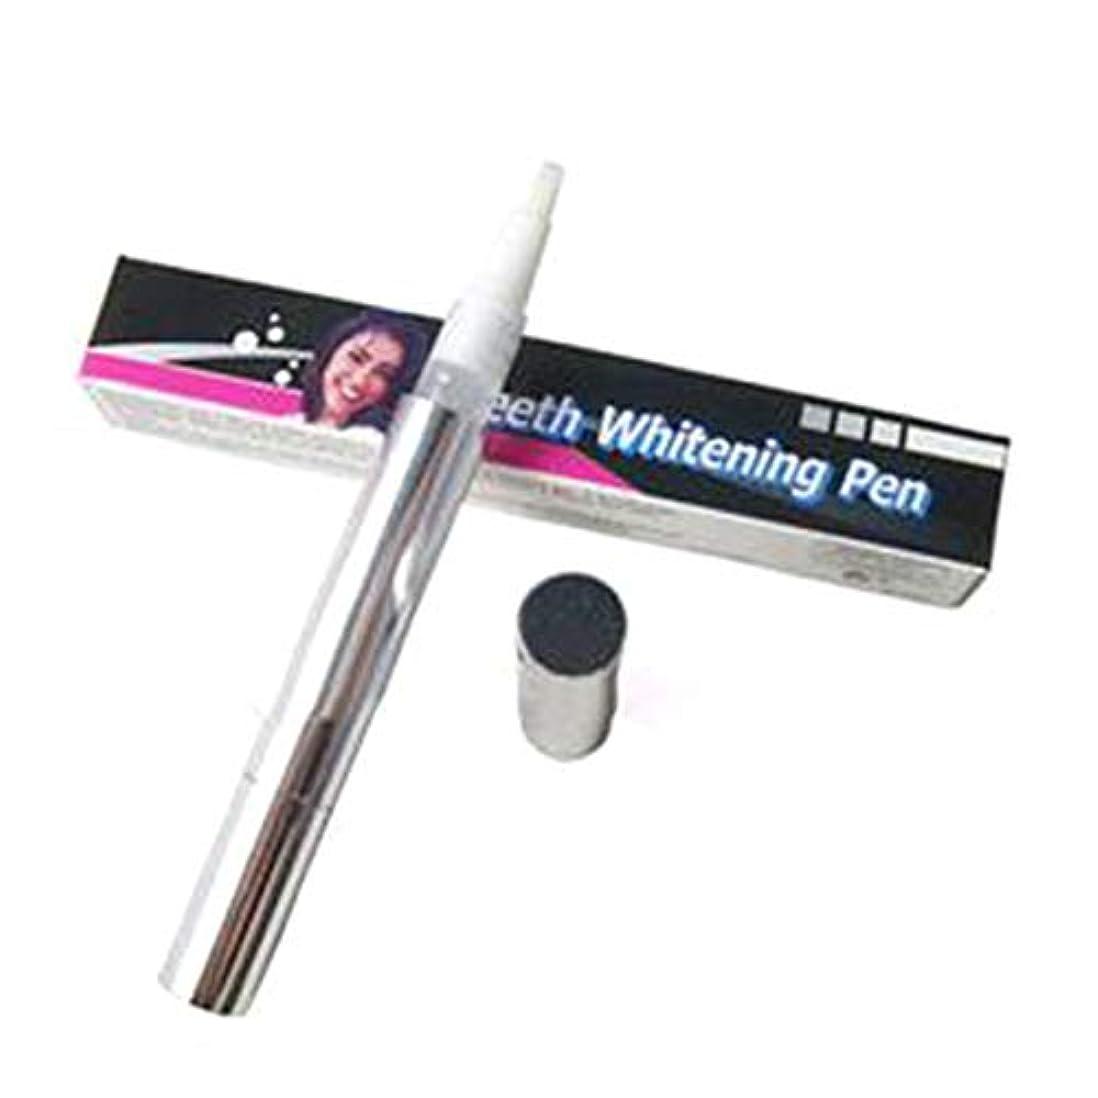 違法ドループ持つペンホワイトニングペン強力な汚れ消しゴム除去速い漂白歯ジェルホワイトナー歯科口腔衛生用品 - シルバー